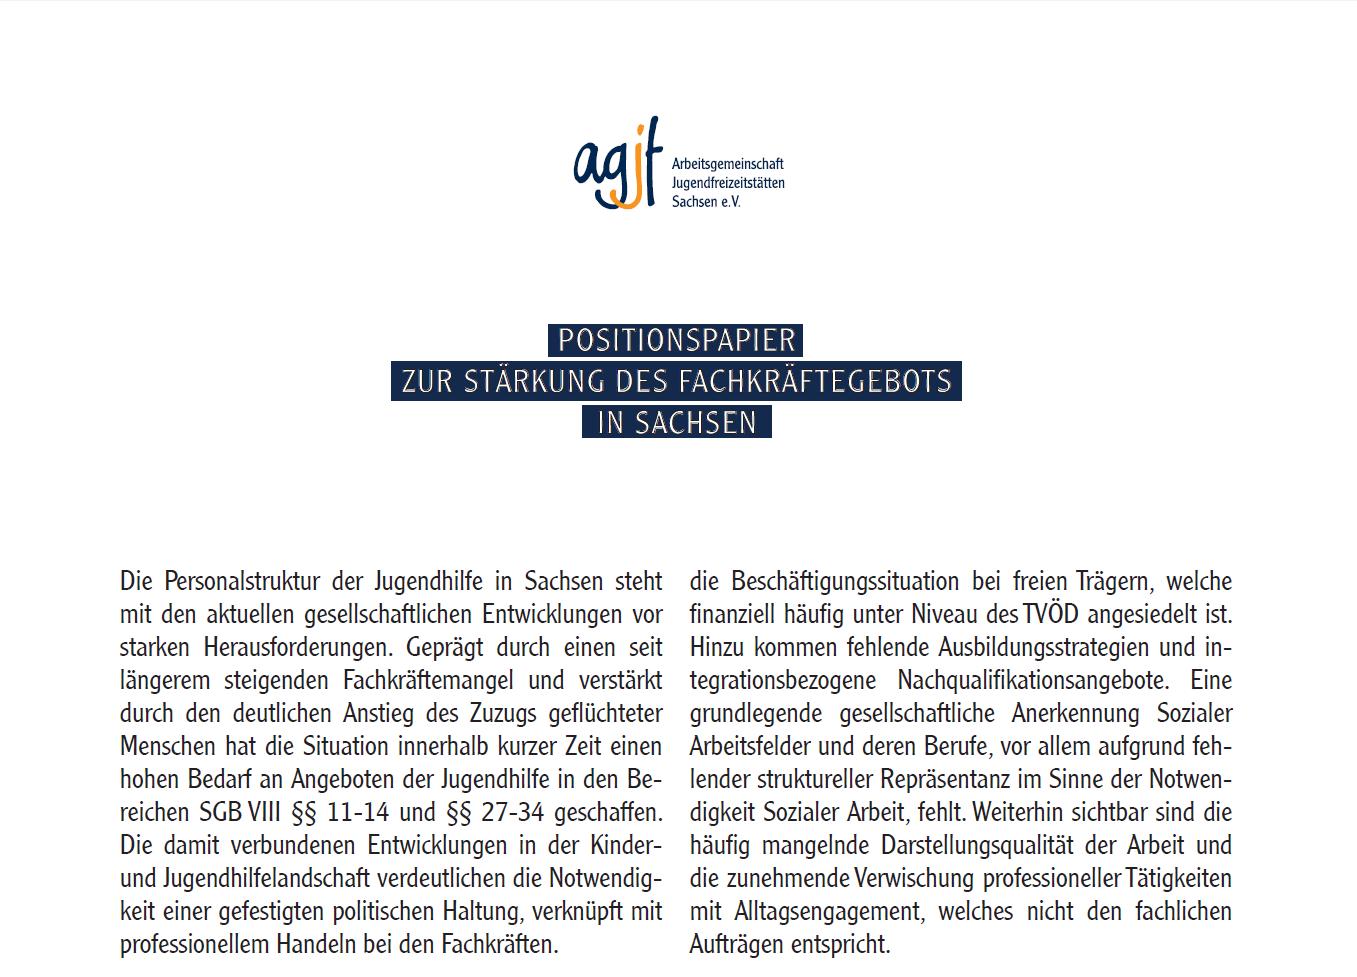 Positionspapier zur Stärkung des Fachkräftegebots in Sachsen – AGJF Sachsen